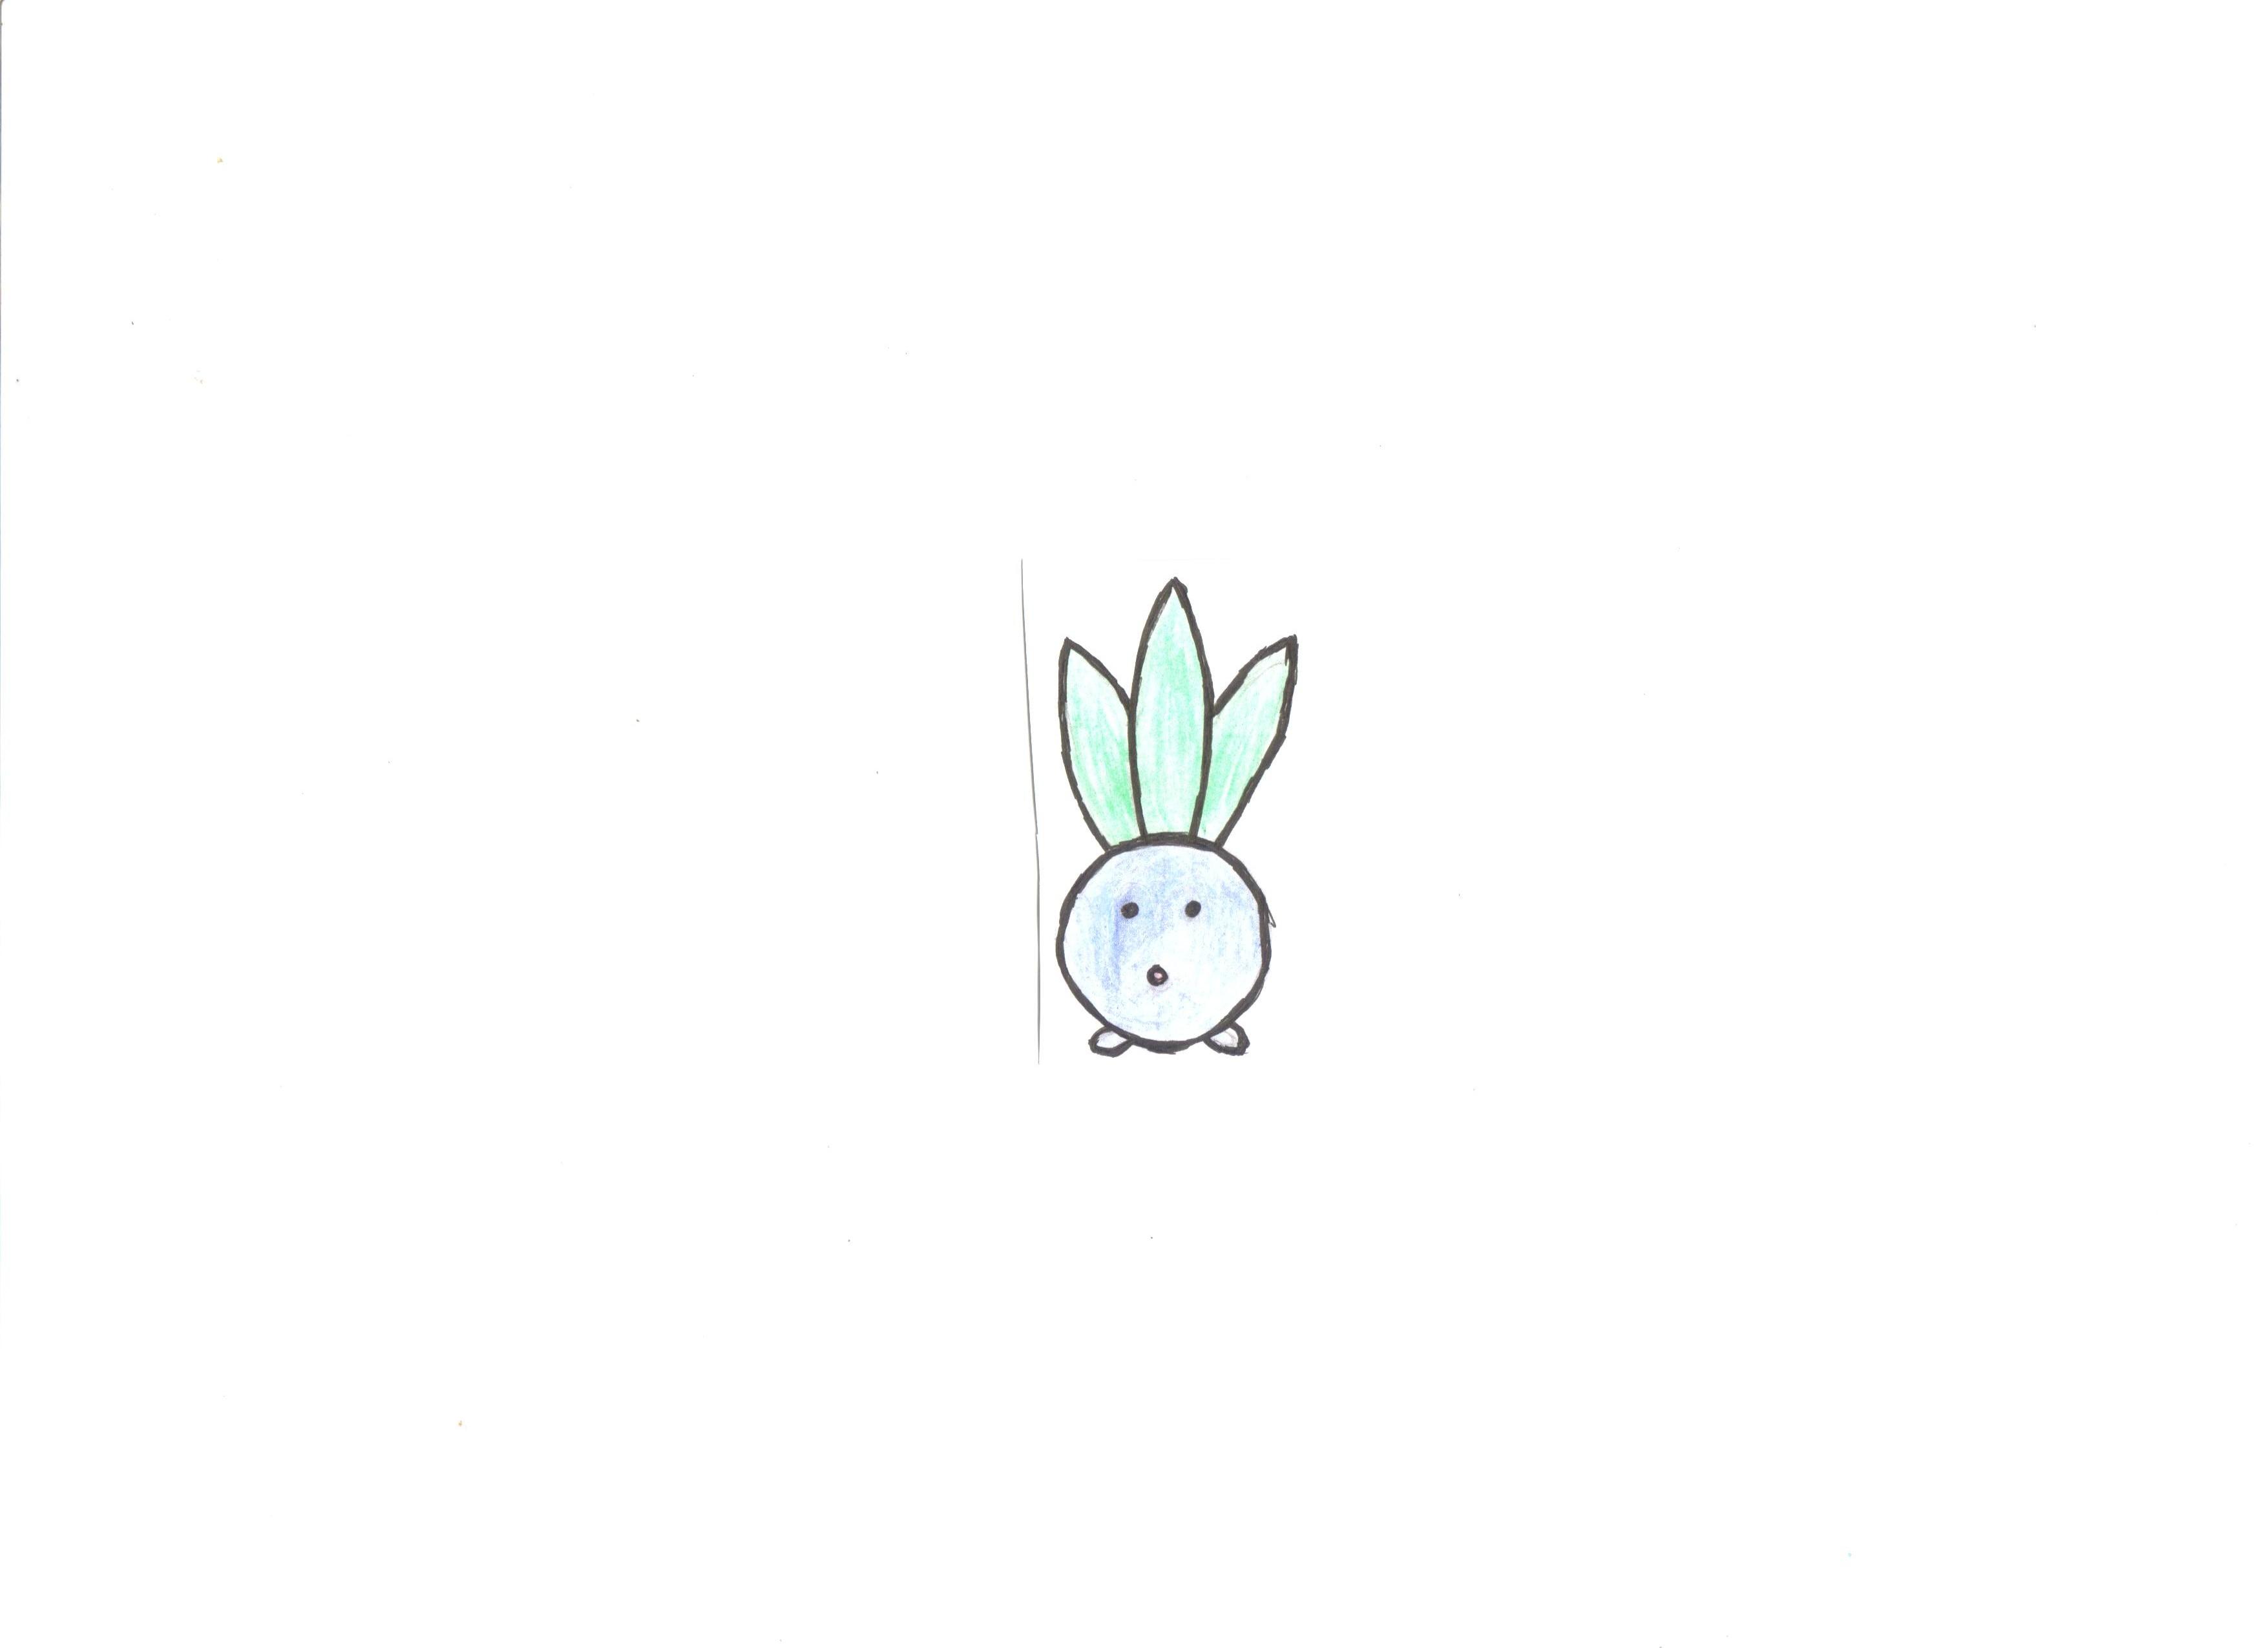 voil jai dcid de me mettre au dessin alors jai commenc par un pokmon facile comme mysthrbe je trouve juste les feuilles un peu rat mais javais